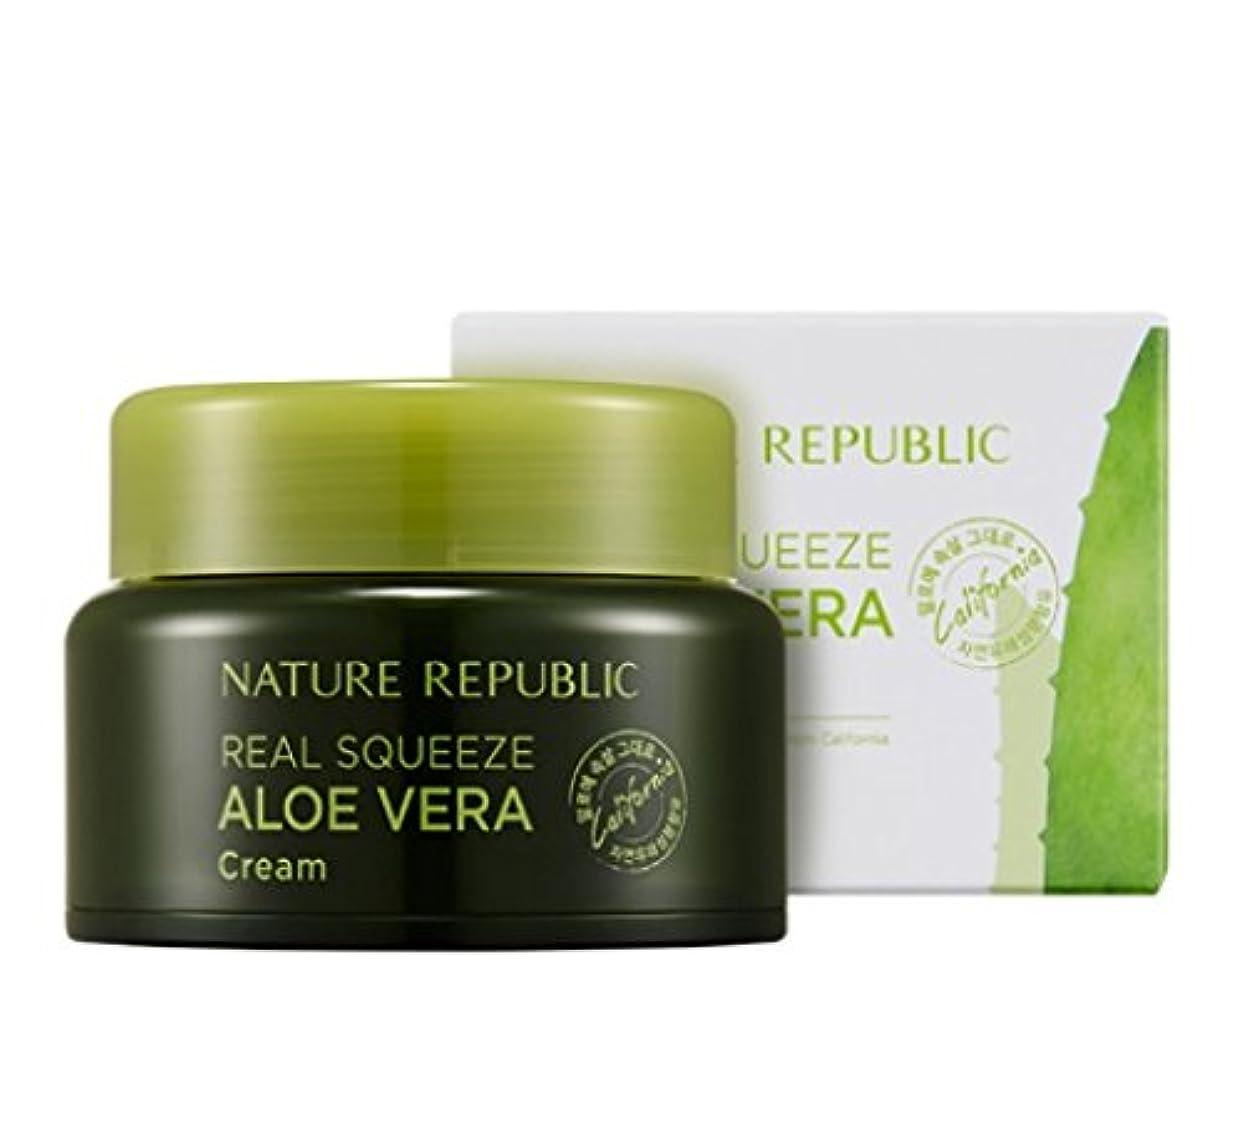 規則性店主おしゃれじゃない[Nature Republic]ネイチャーリパブリック[Real Squeeze Aloe Vera Cream](リアルスクィーズアロエベラクリーム) [並行輸入品]